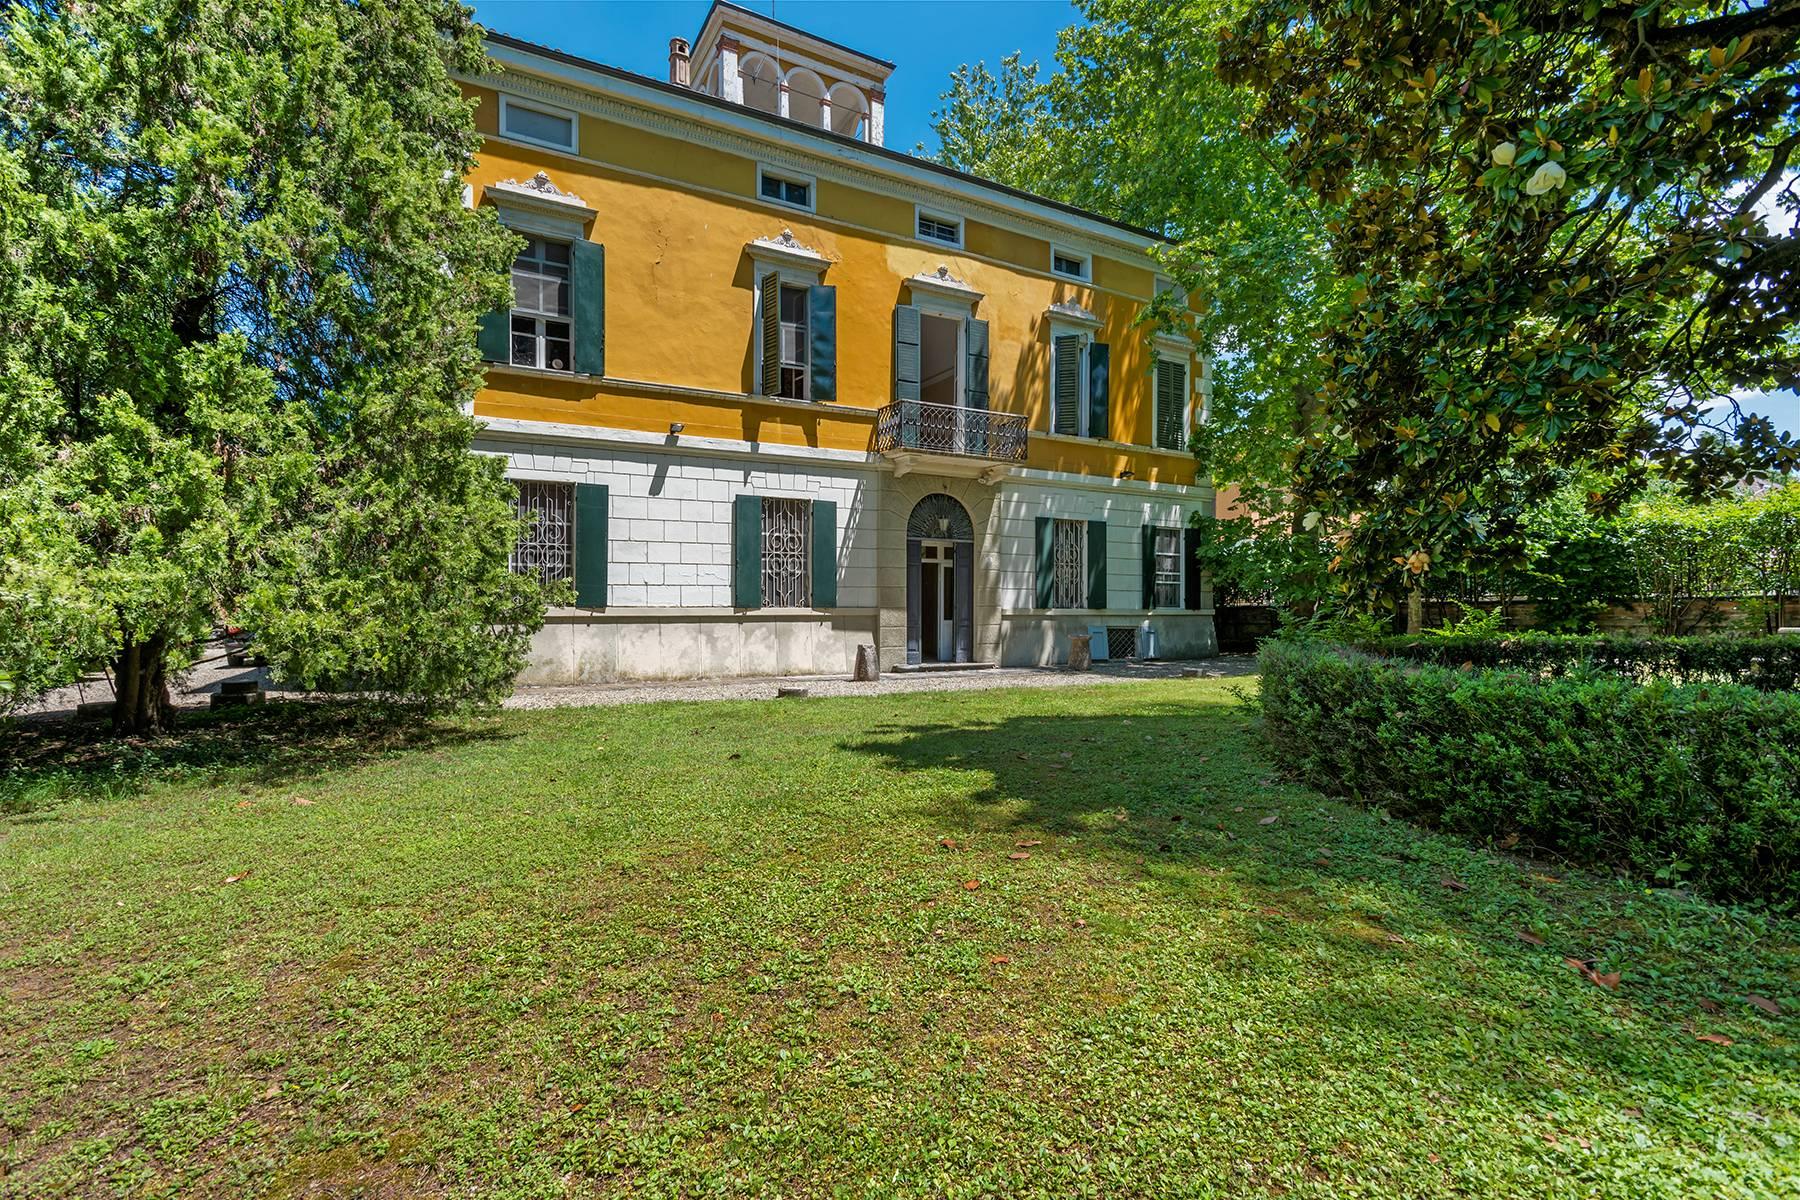 Villa in Vendita a Collecchio: 5 locali, 1310 mq - Foto 1